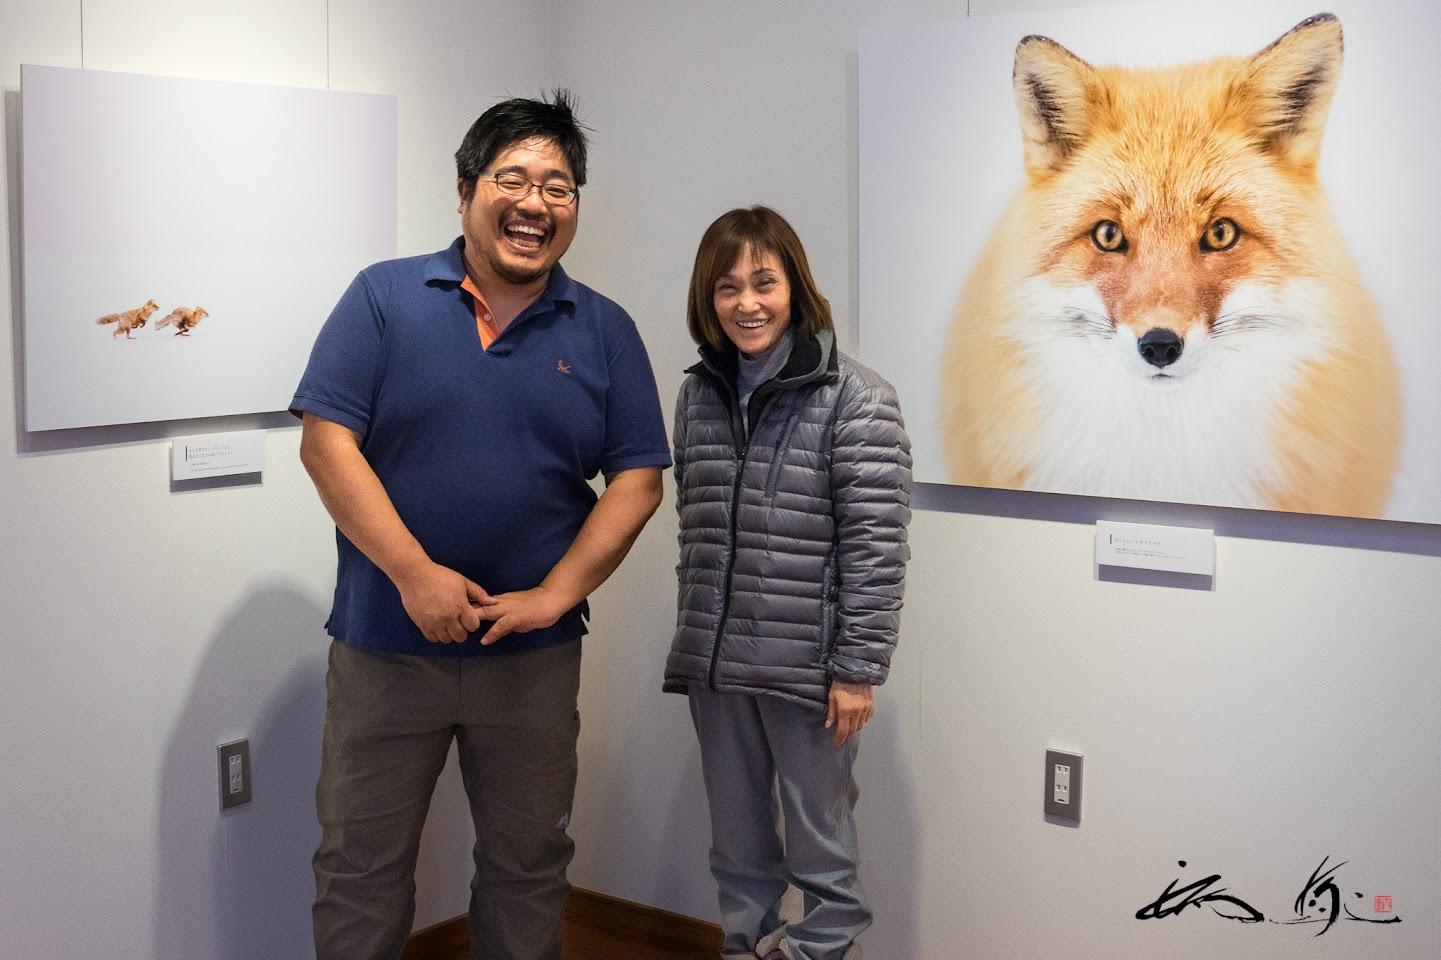 井上浩輝さんの個展「PORTRAIT KIKAKITUNE」